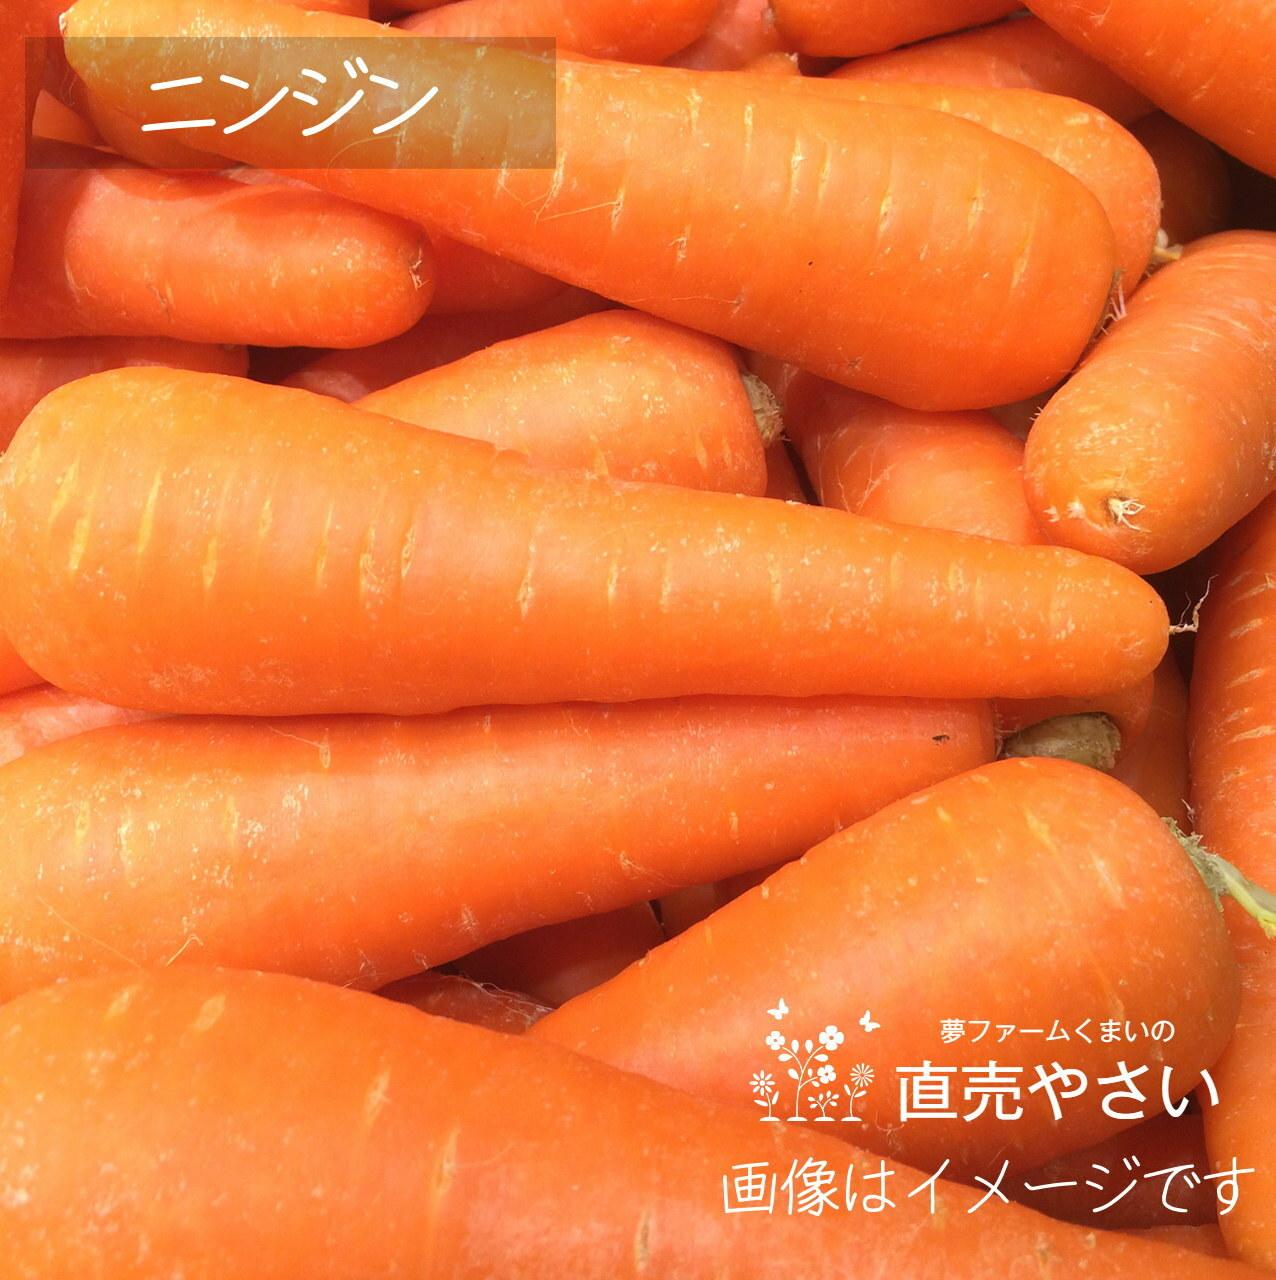 新鮮な秋野菜 : ニンジン 約400g 11月の朝採り直売野菜 11月30日発送予定